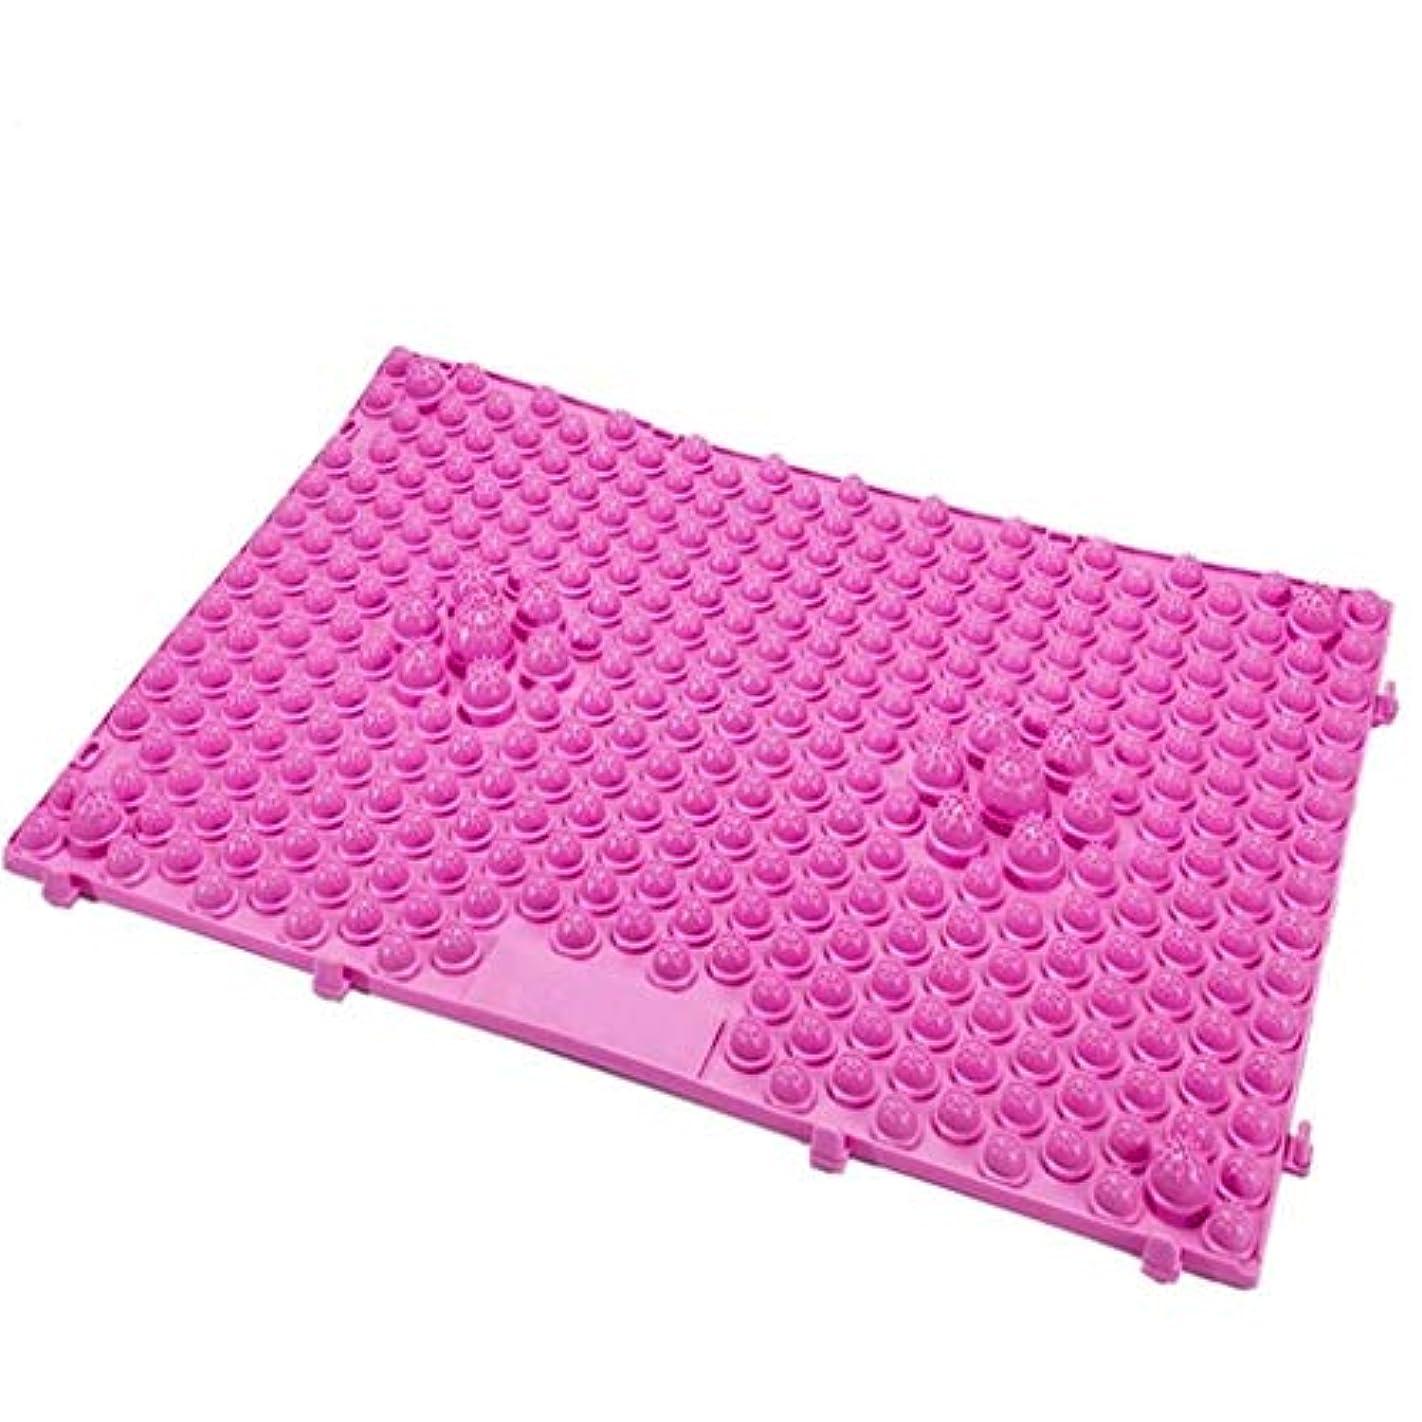 メカニック移住する必要としているフットマッサージャー、フットマッサージ指圧パッド、フット/トーマッサージパッド、バスルームマット/ヨガマット/スポーツマット (Color : ピンク)